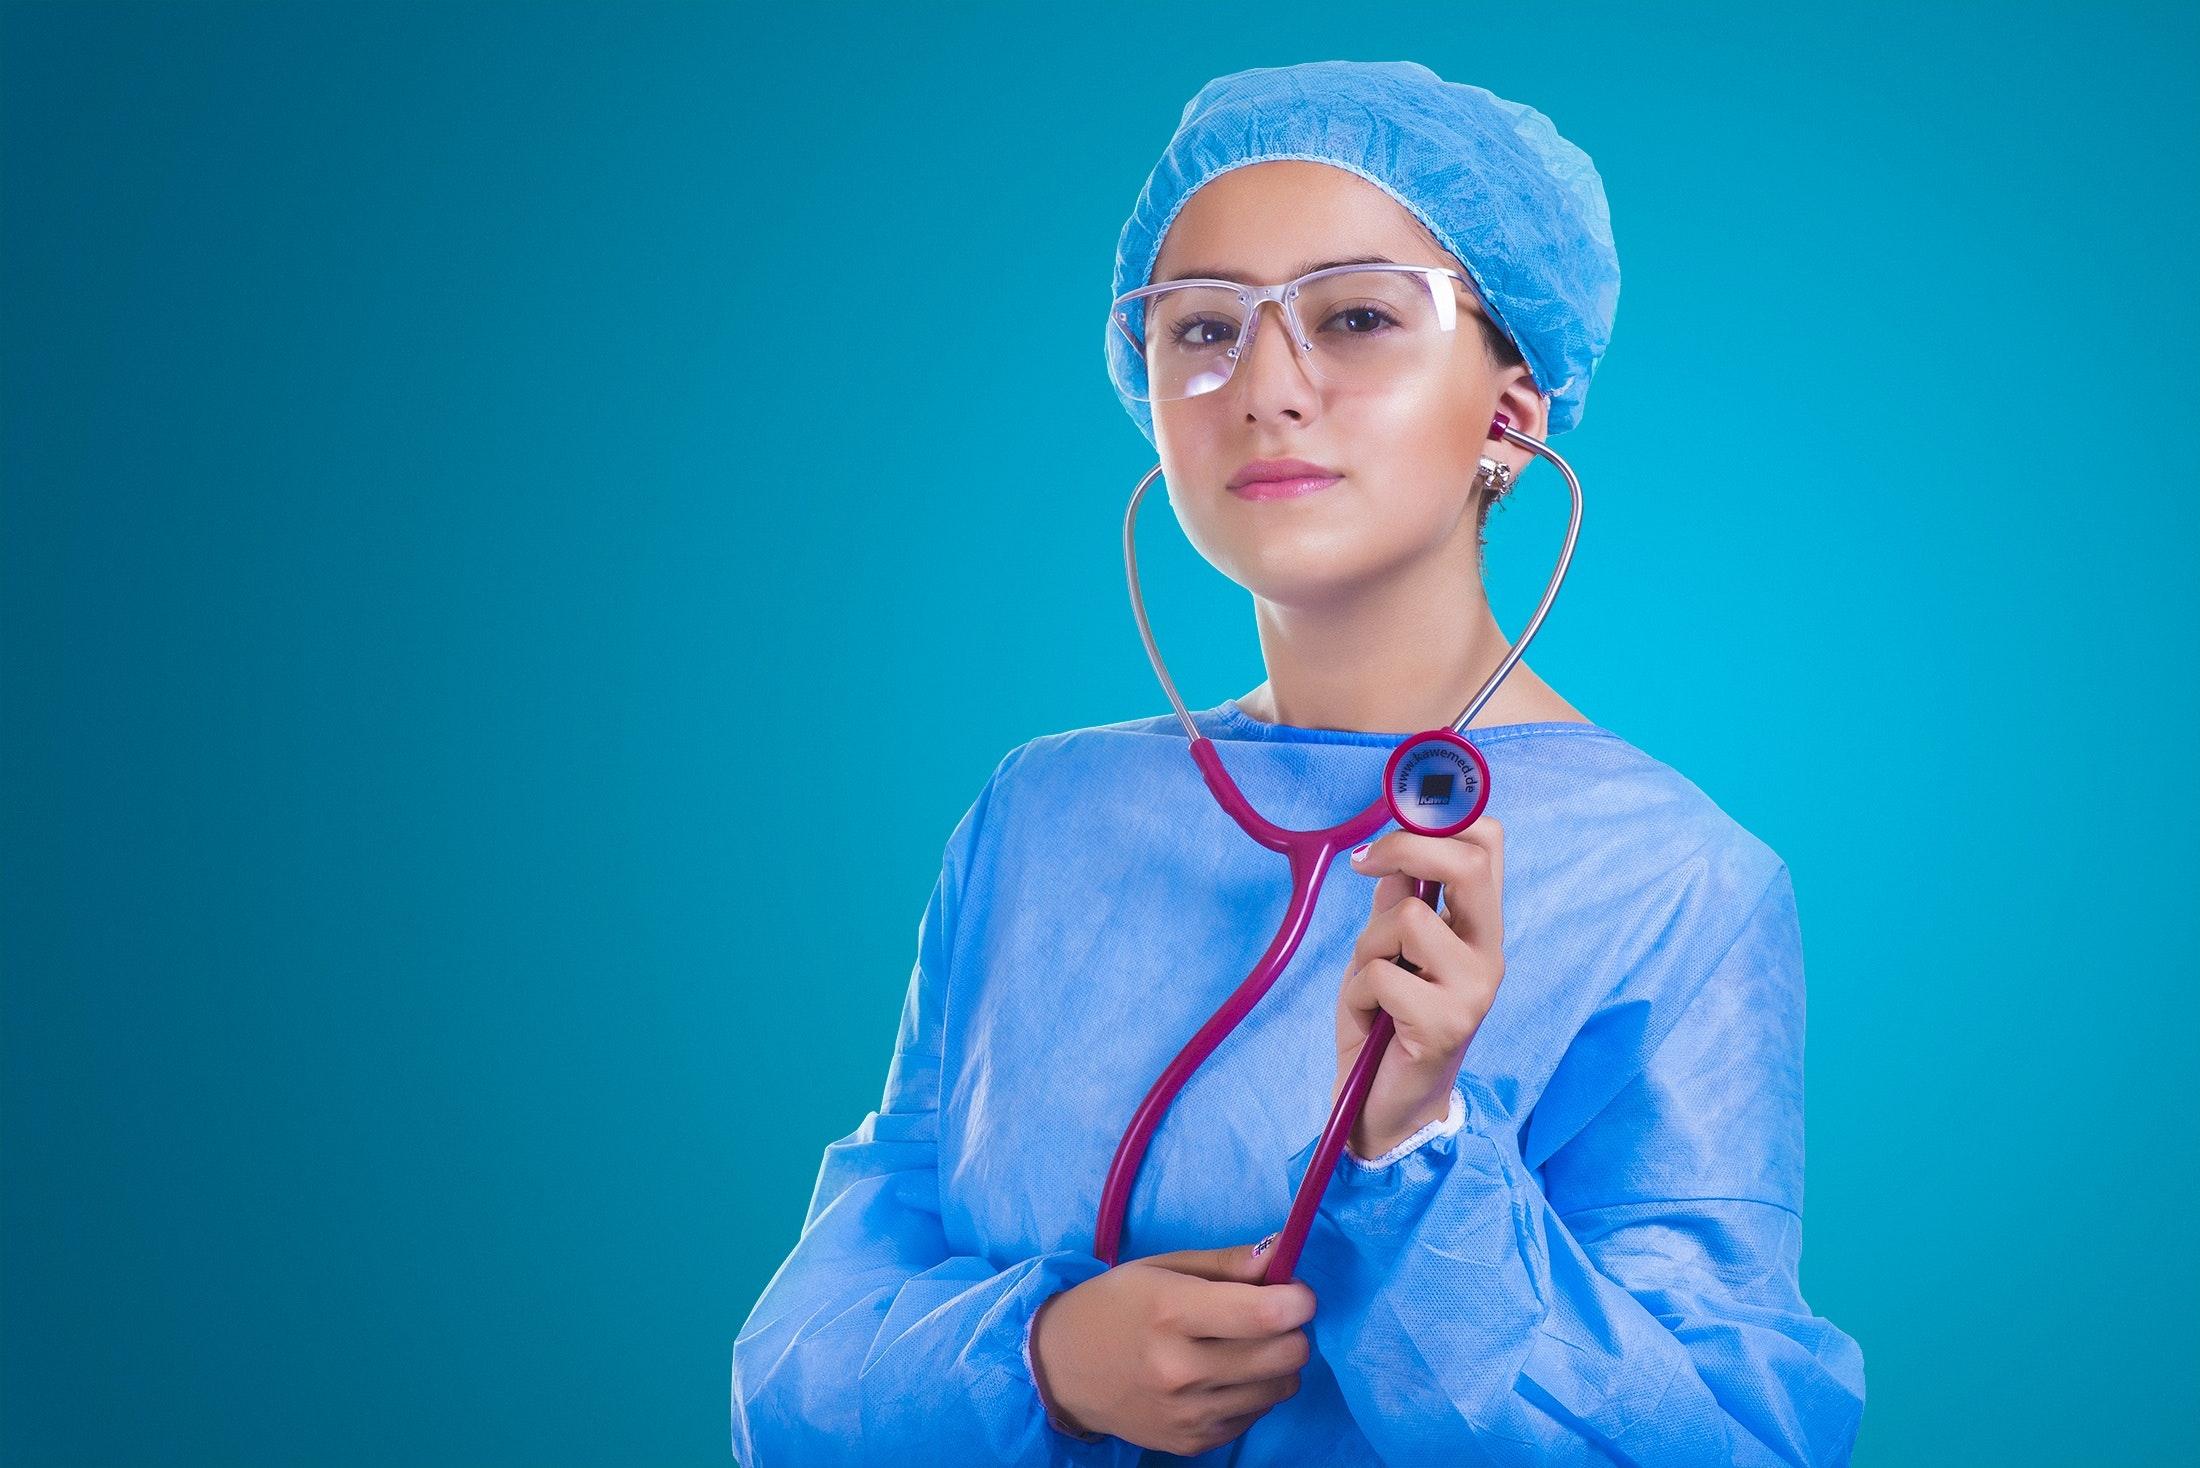 adult-doctor-girl-355934.jpg